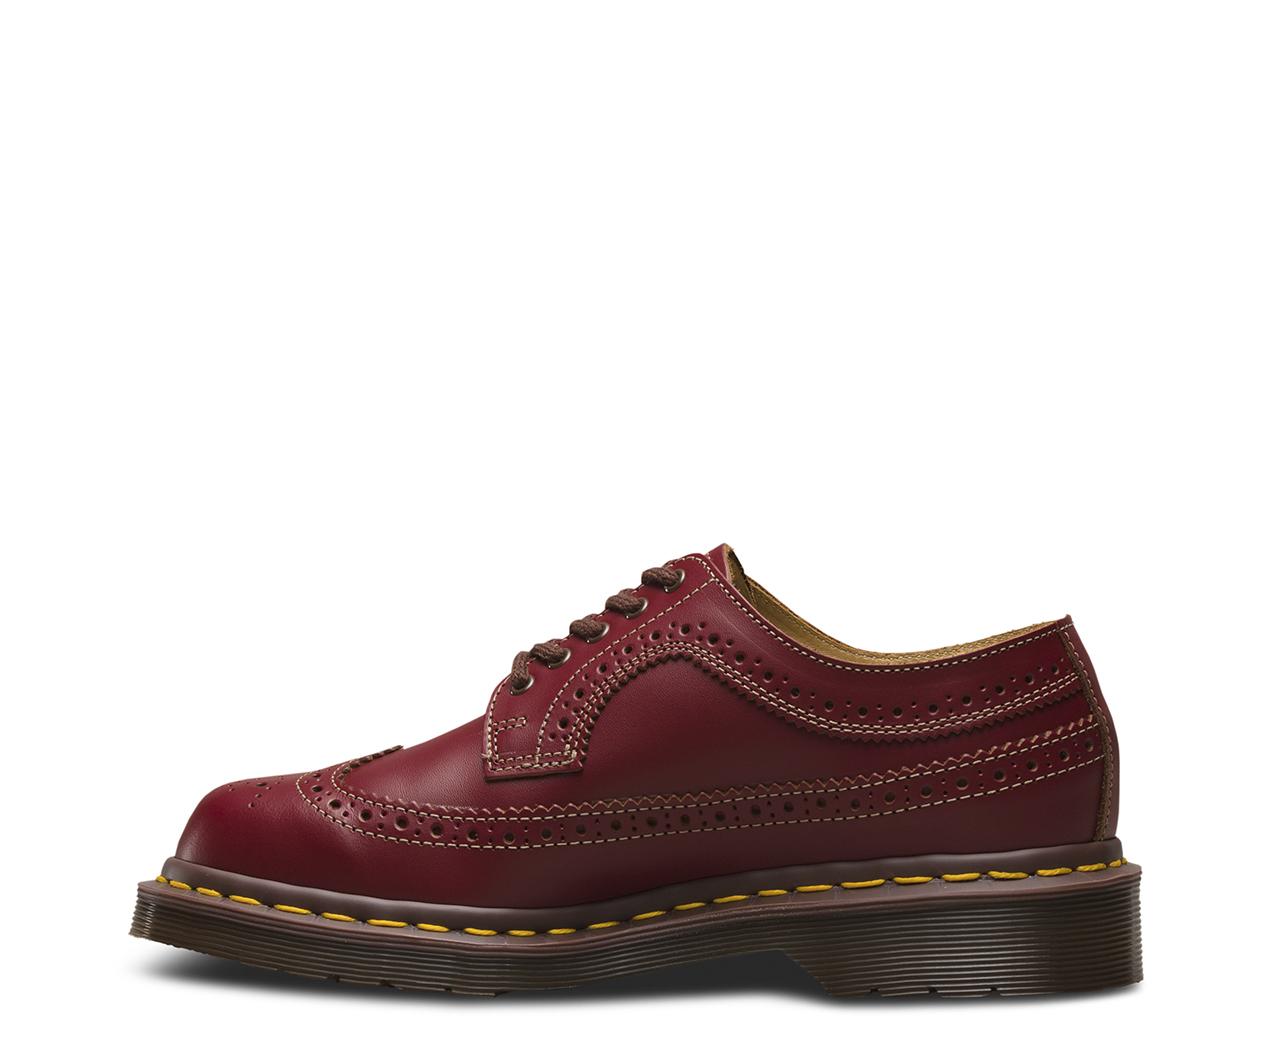 Chaussures Église Cru En Taille 40 Hommes D'époque 7sIdI